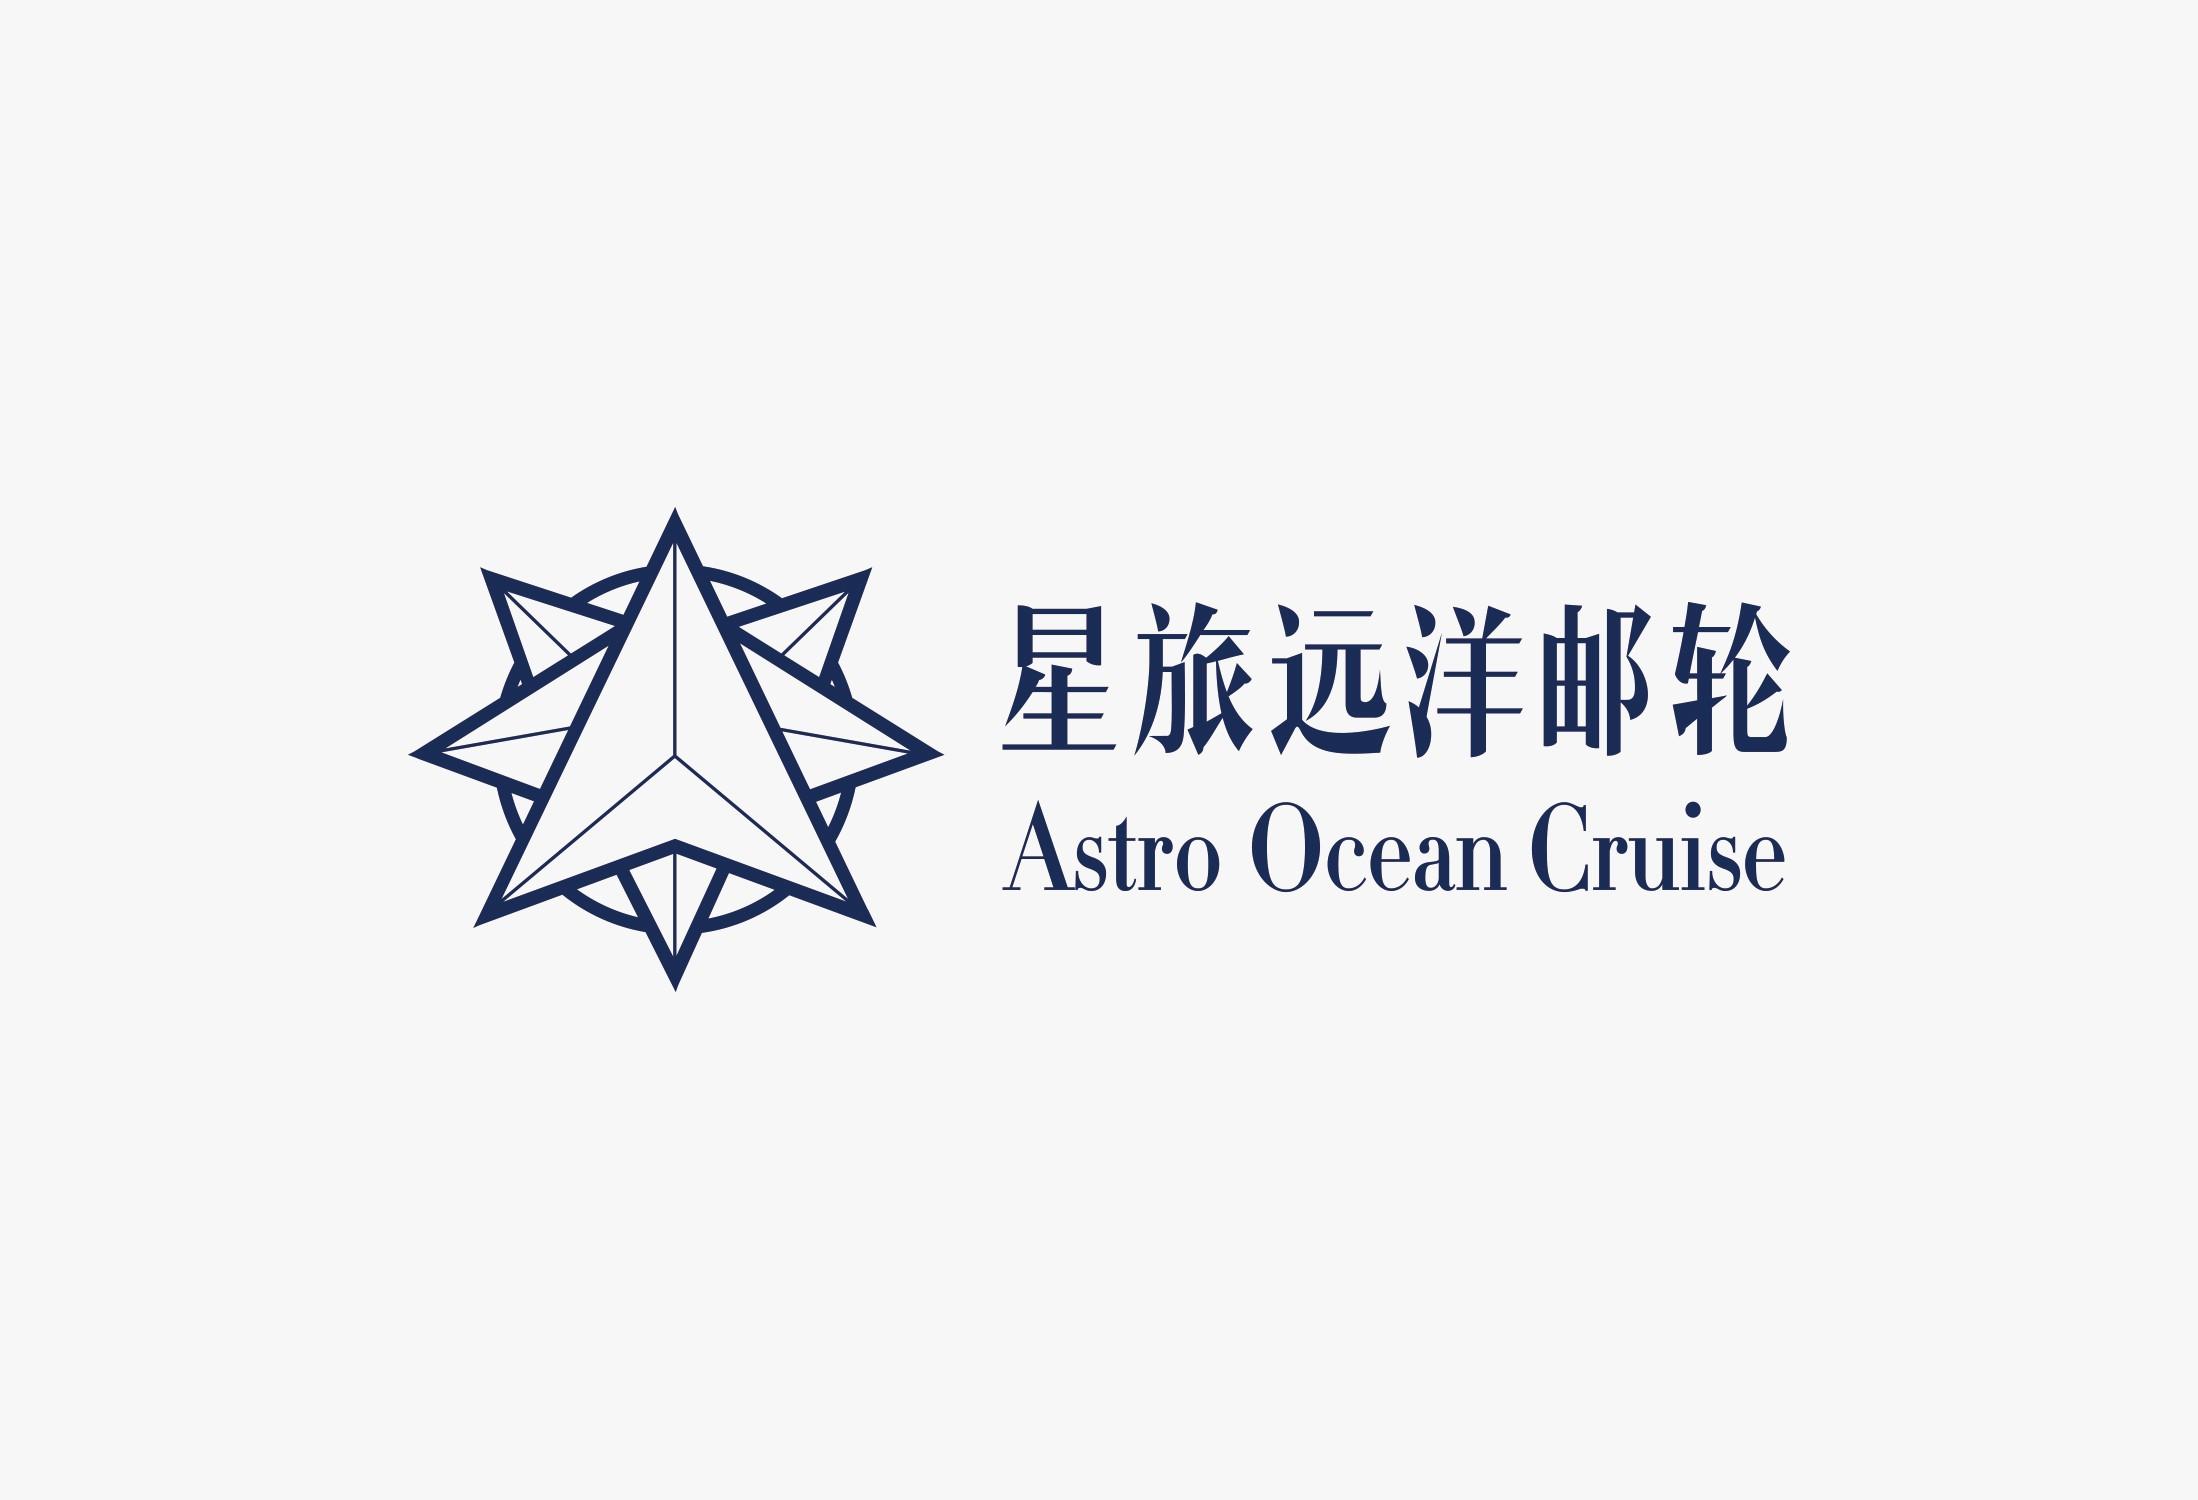 星旅远洋邮轮 x 冲绳观光旅游局商场路演